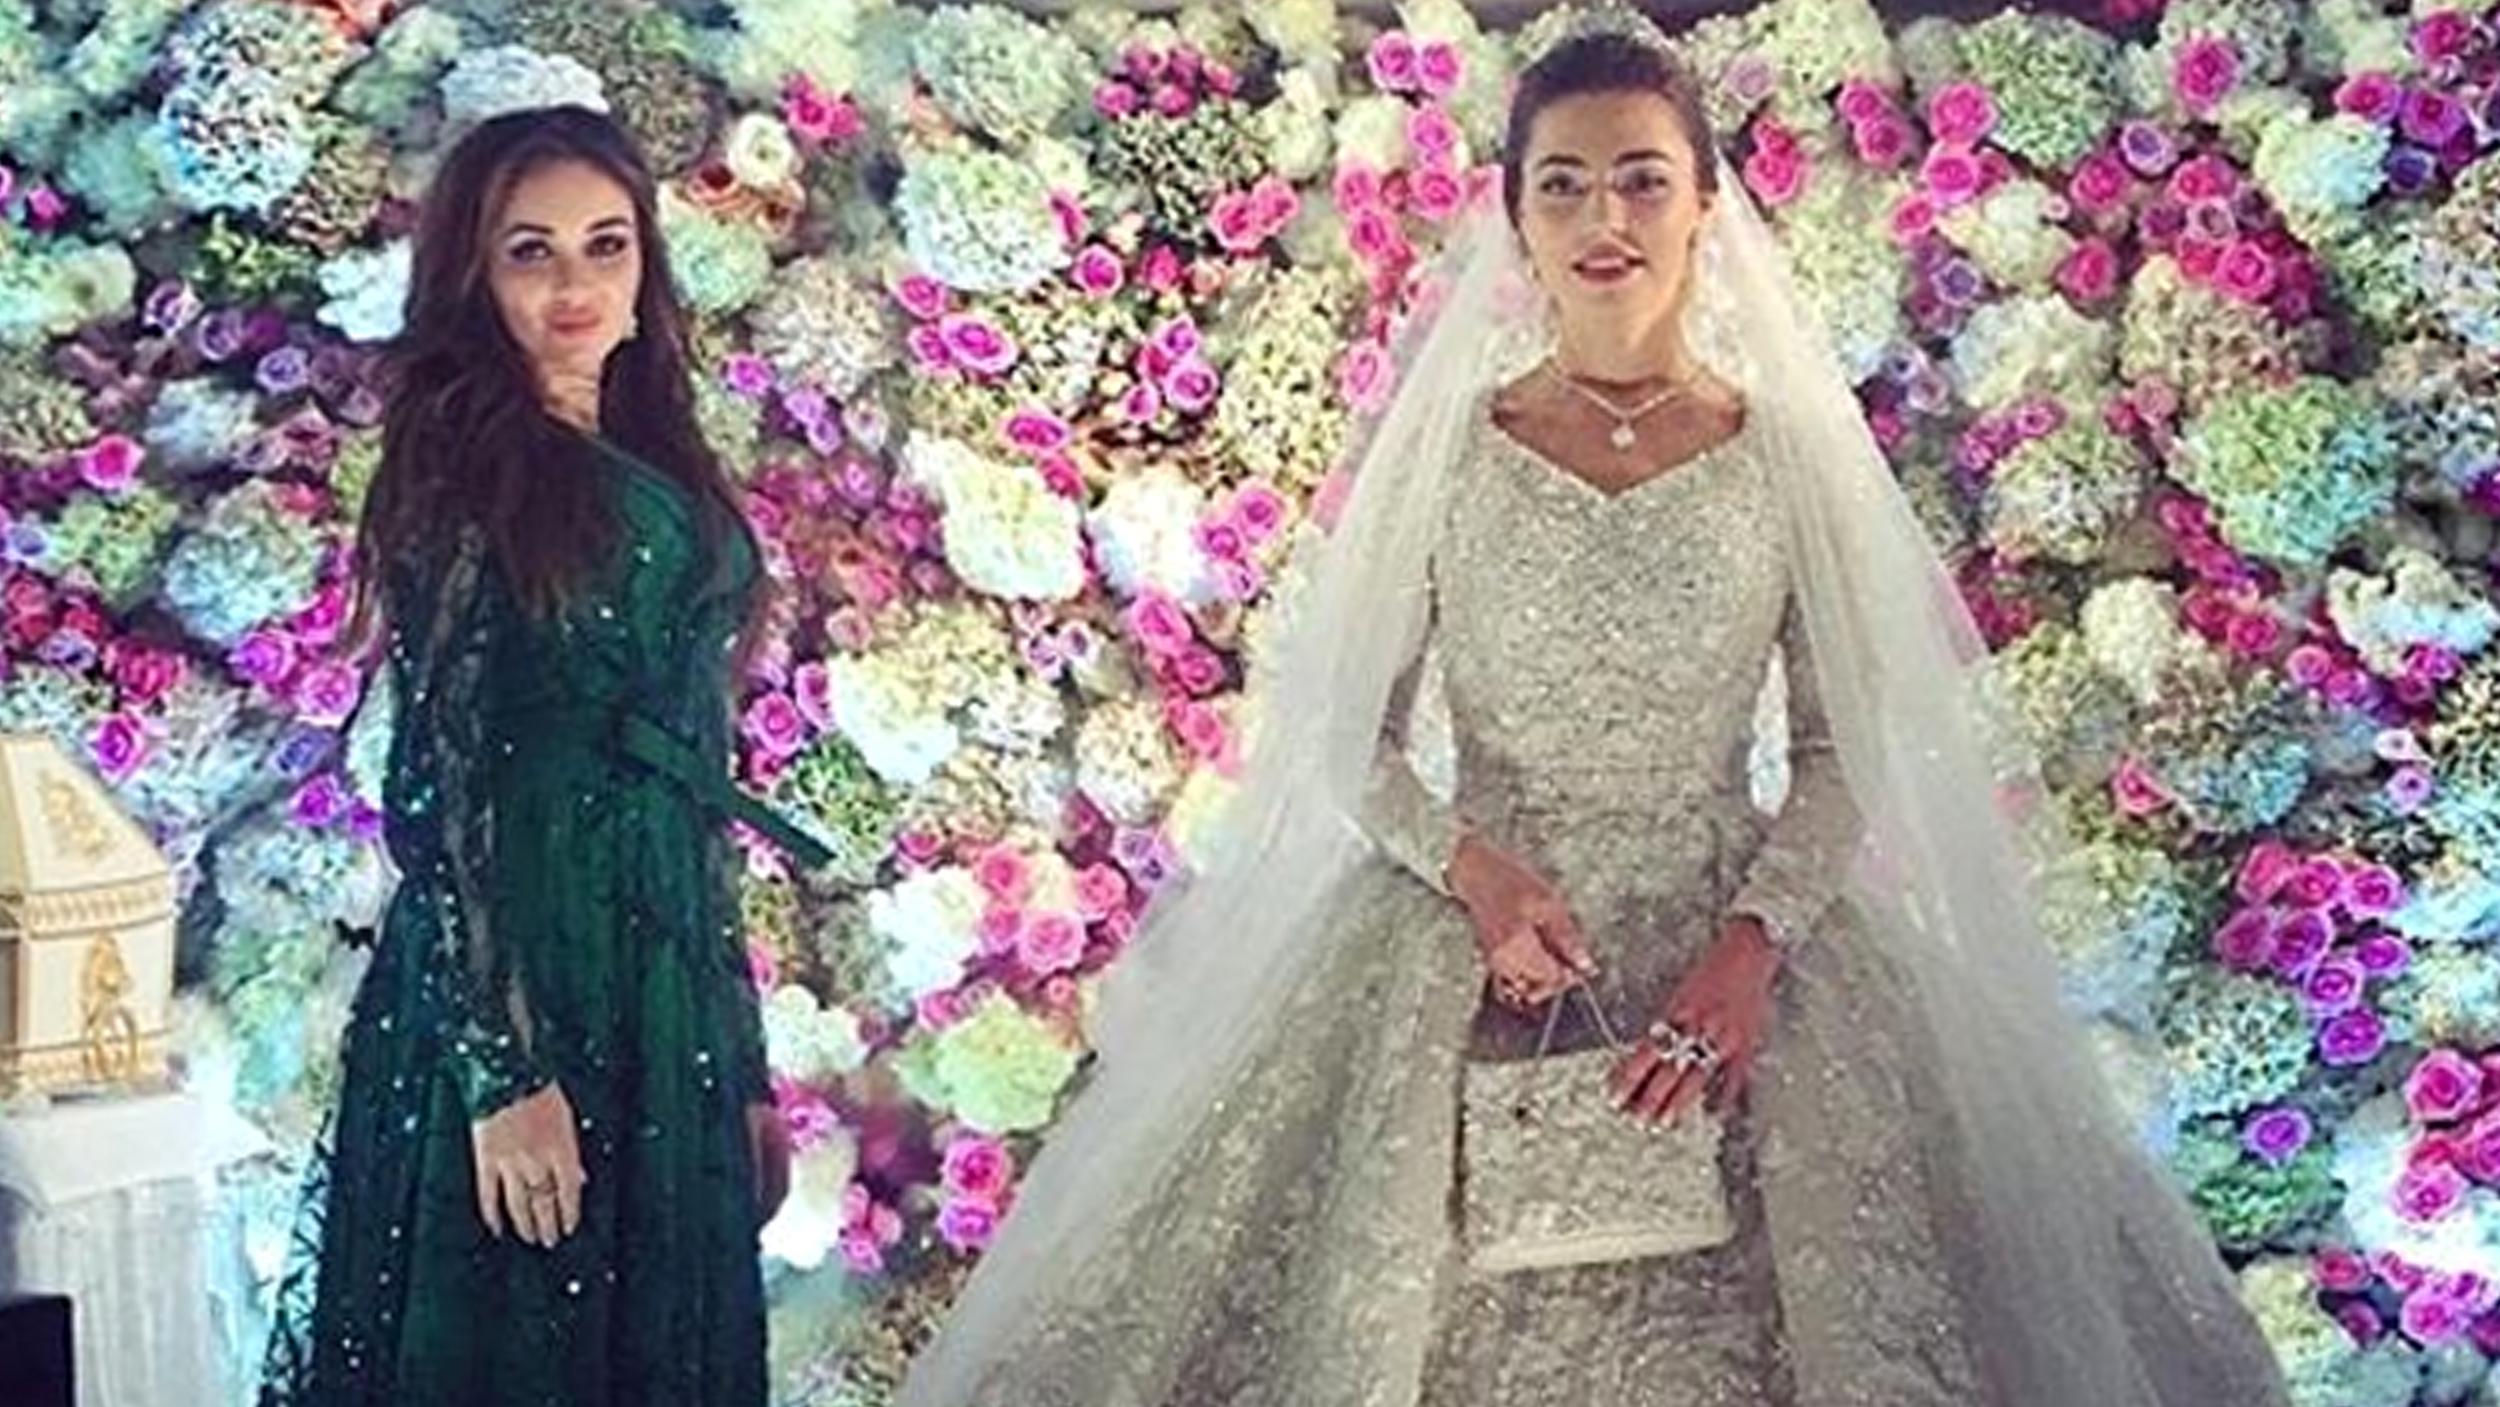 Свадьба хадижа ужахова и саид гуцериев фото